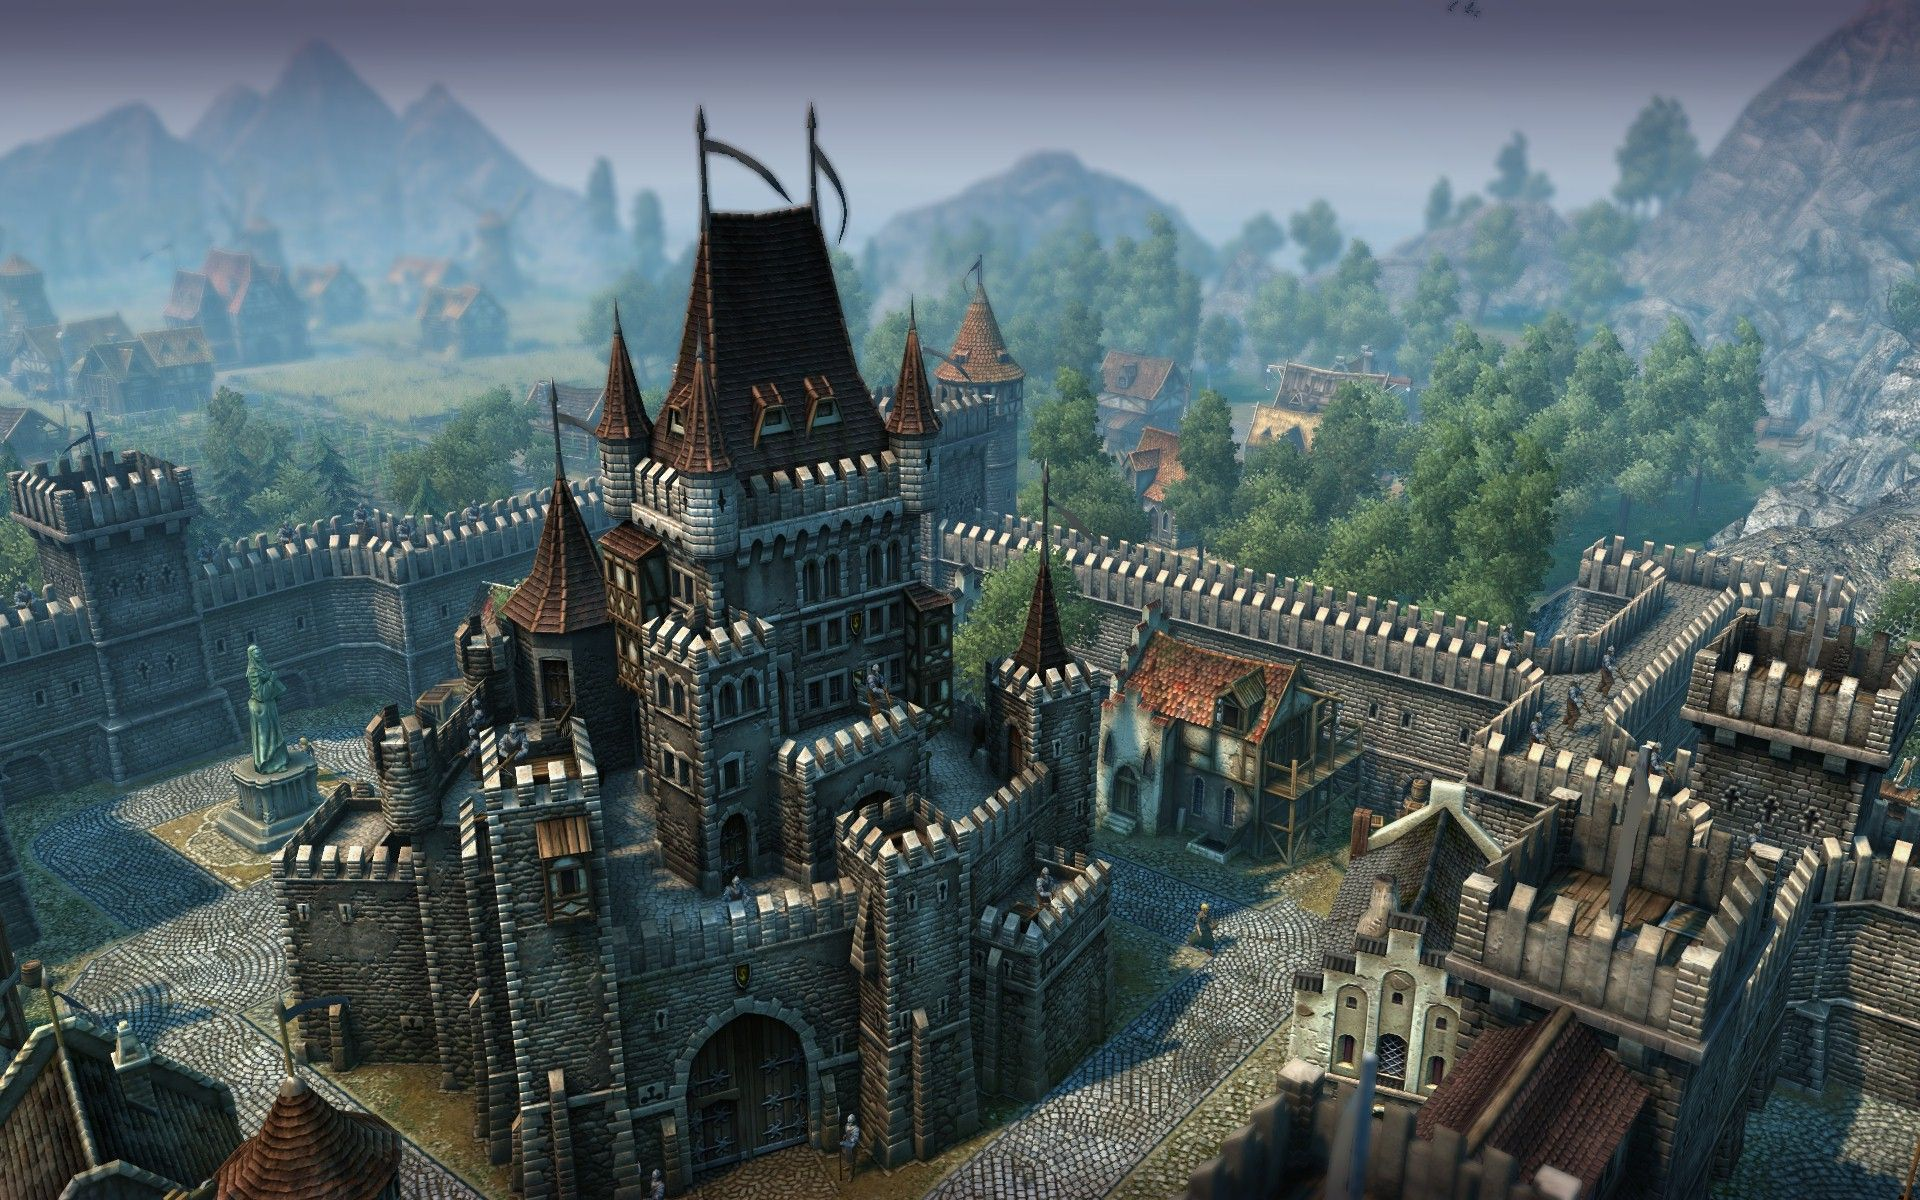 Dark Gothic Wallpaper Landscape